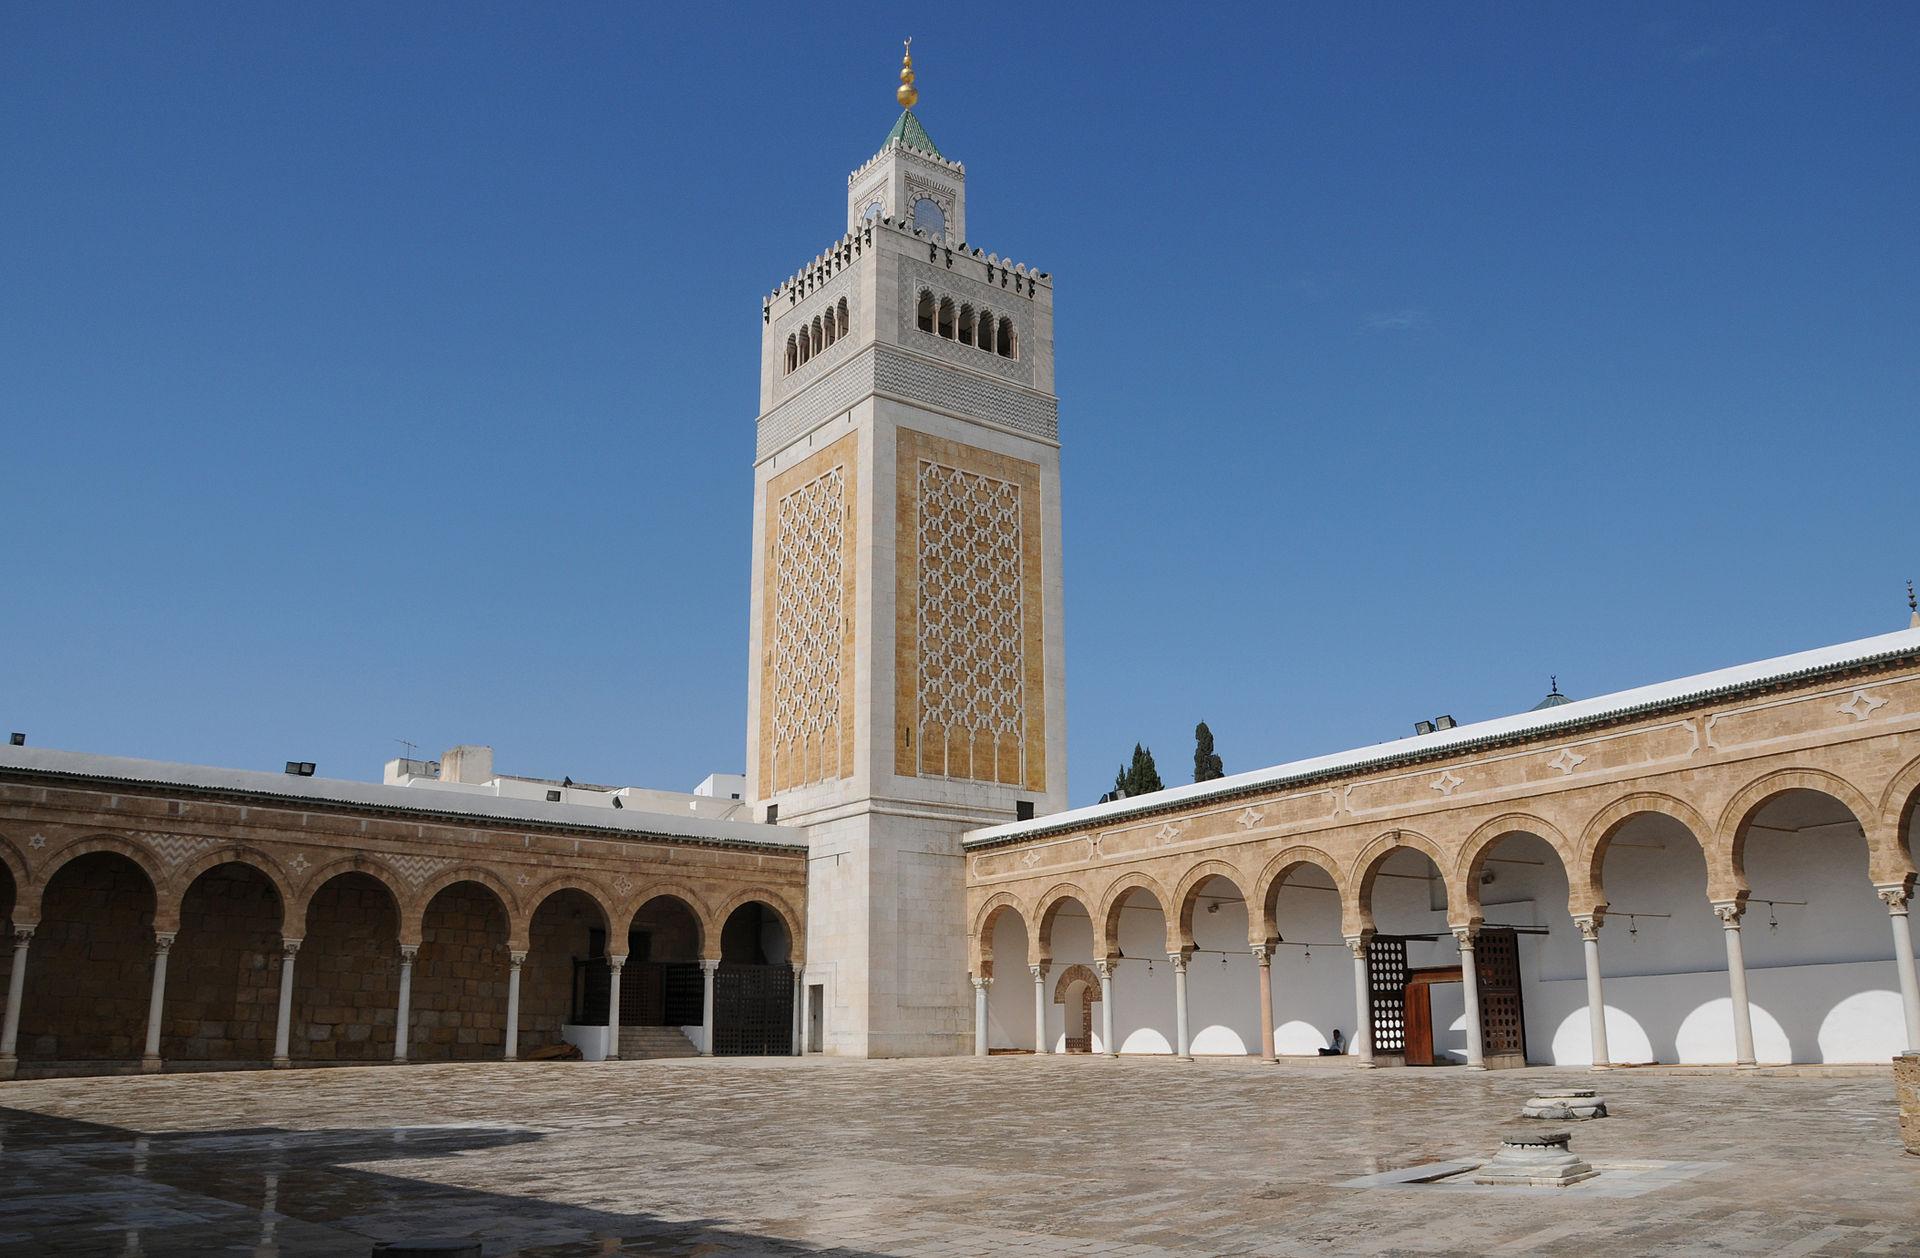 Mosque Wikipedia: Al-Zaytuna Mosque